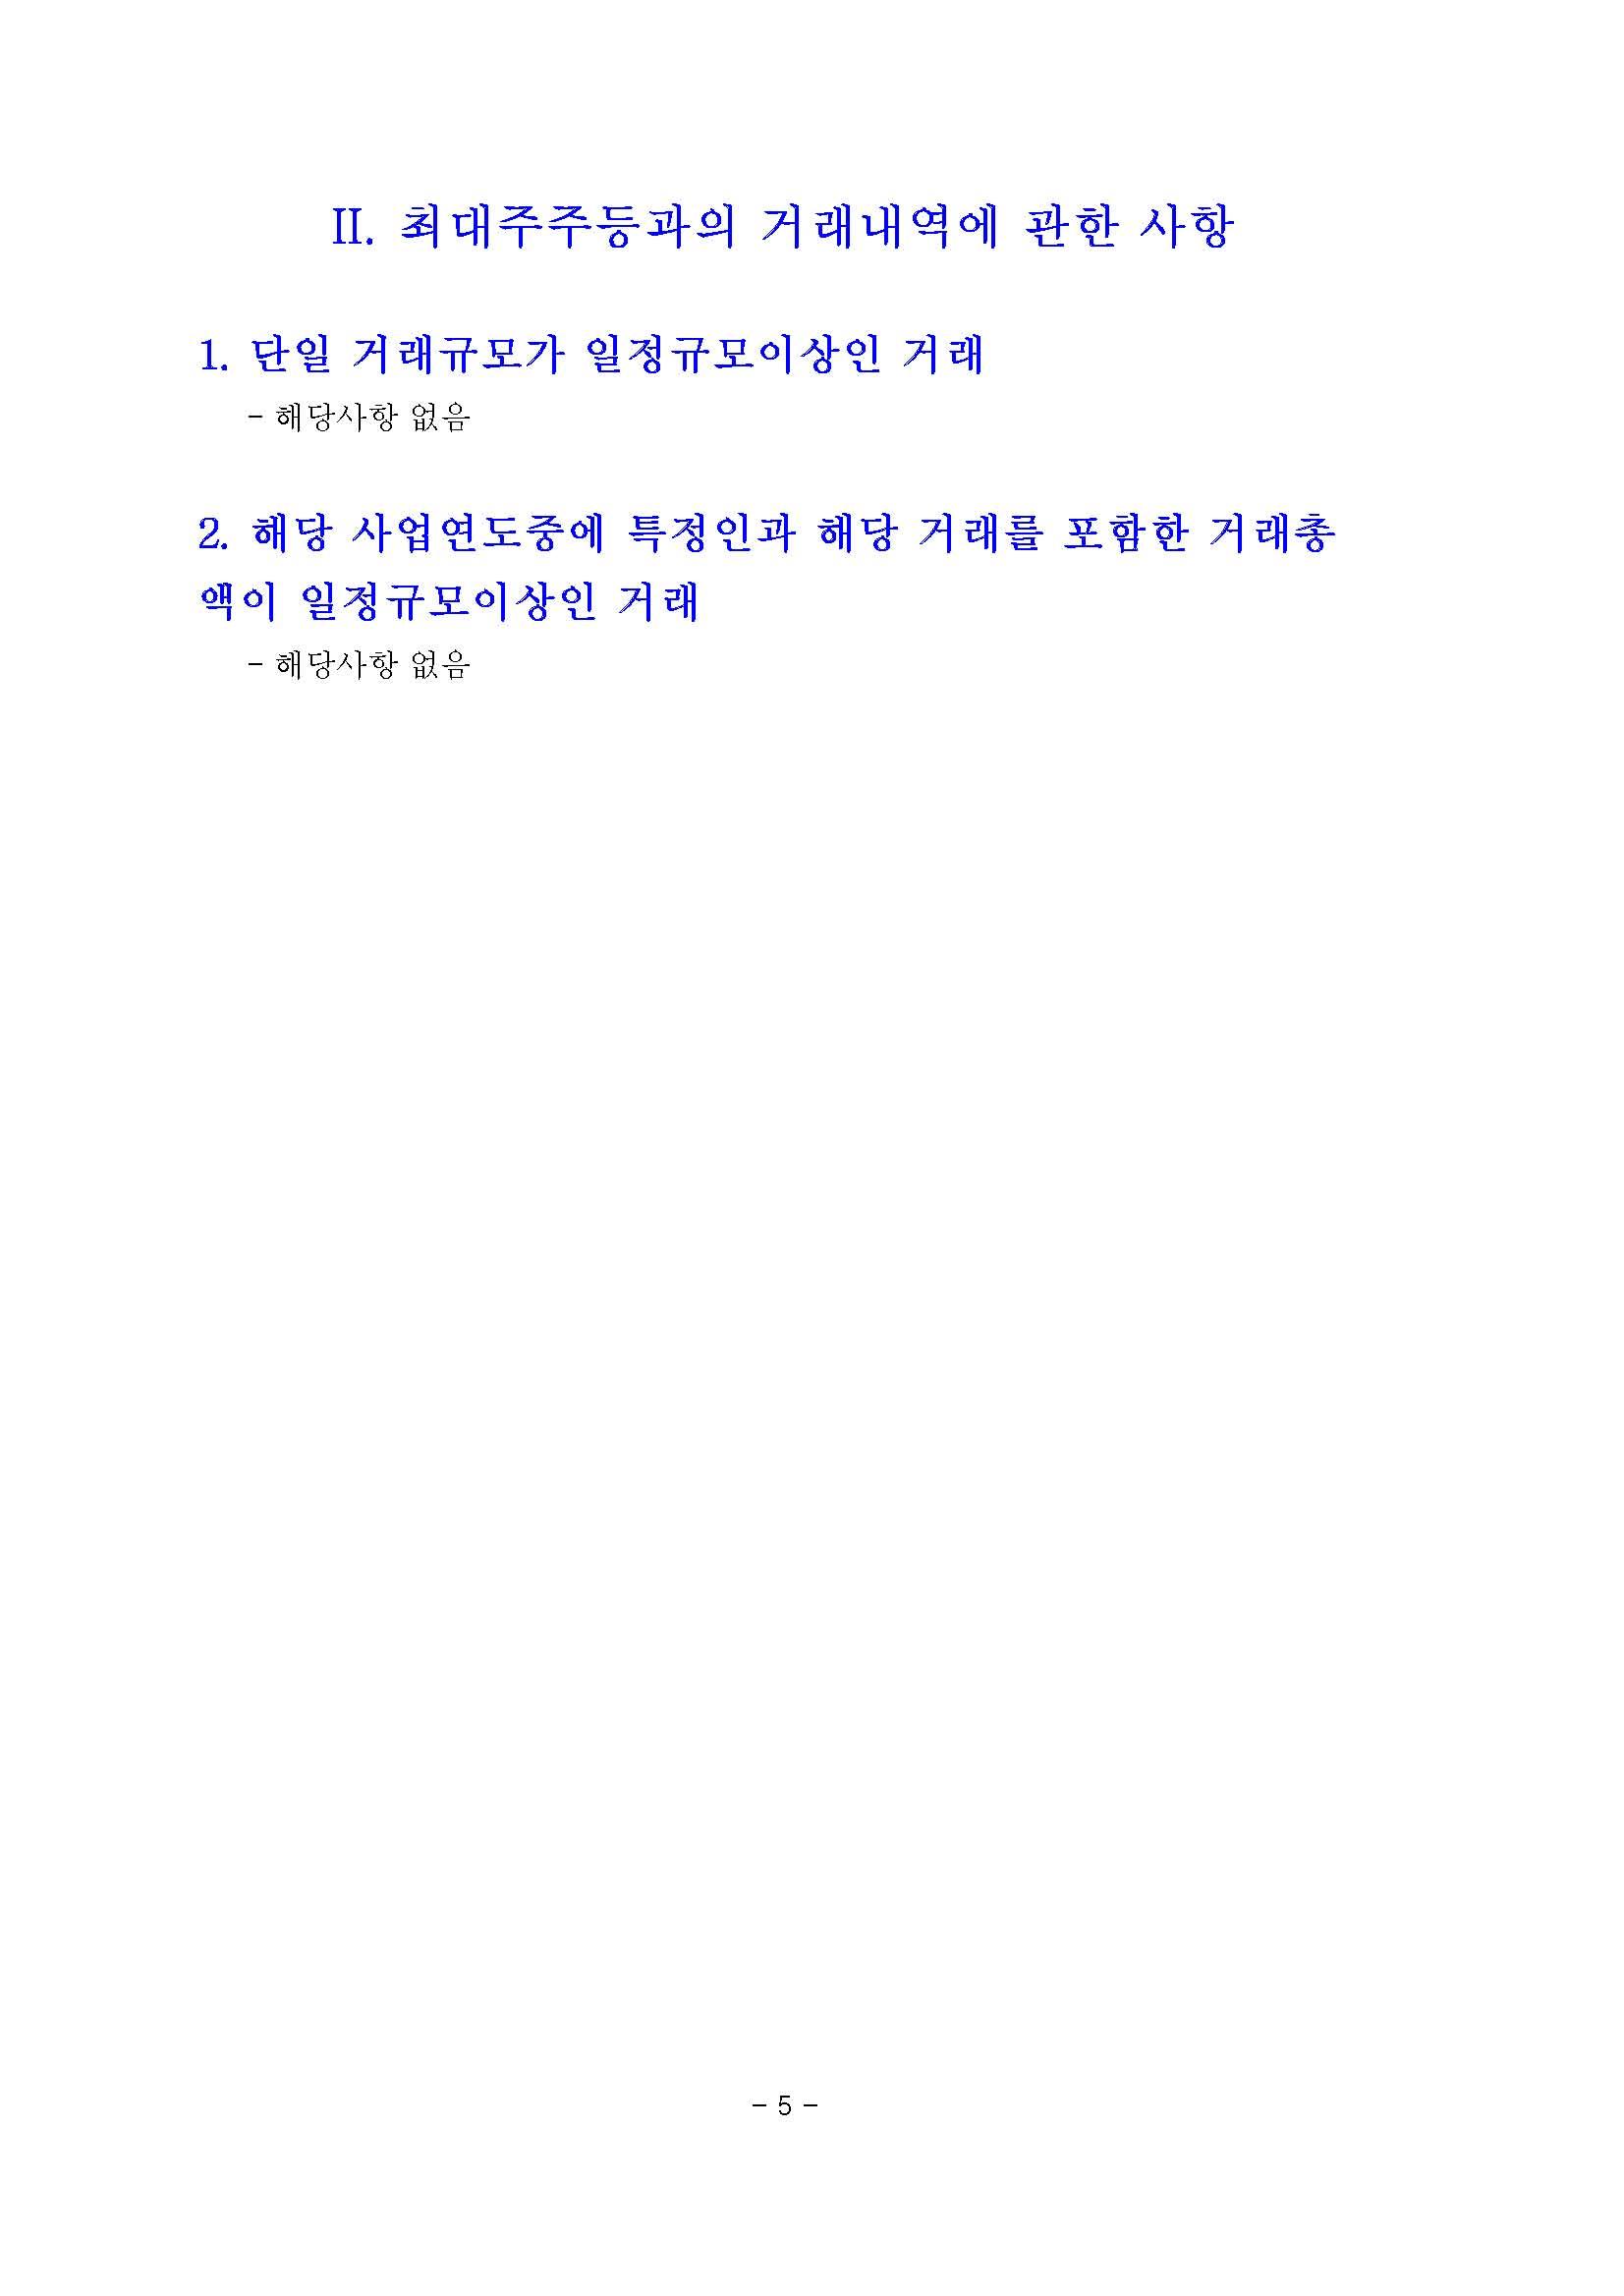 20160311 주주총회 소집공고-옴니시스템_페이지_06.jpg